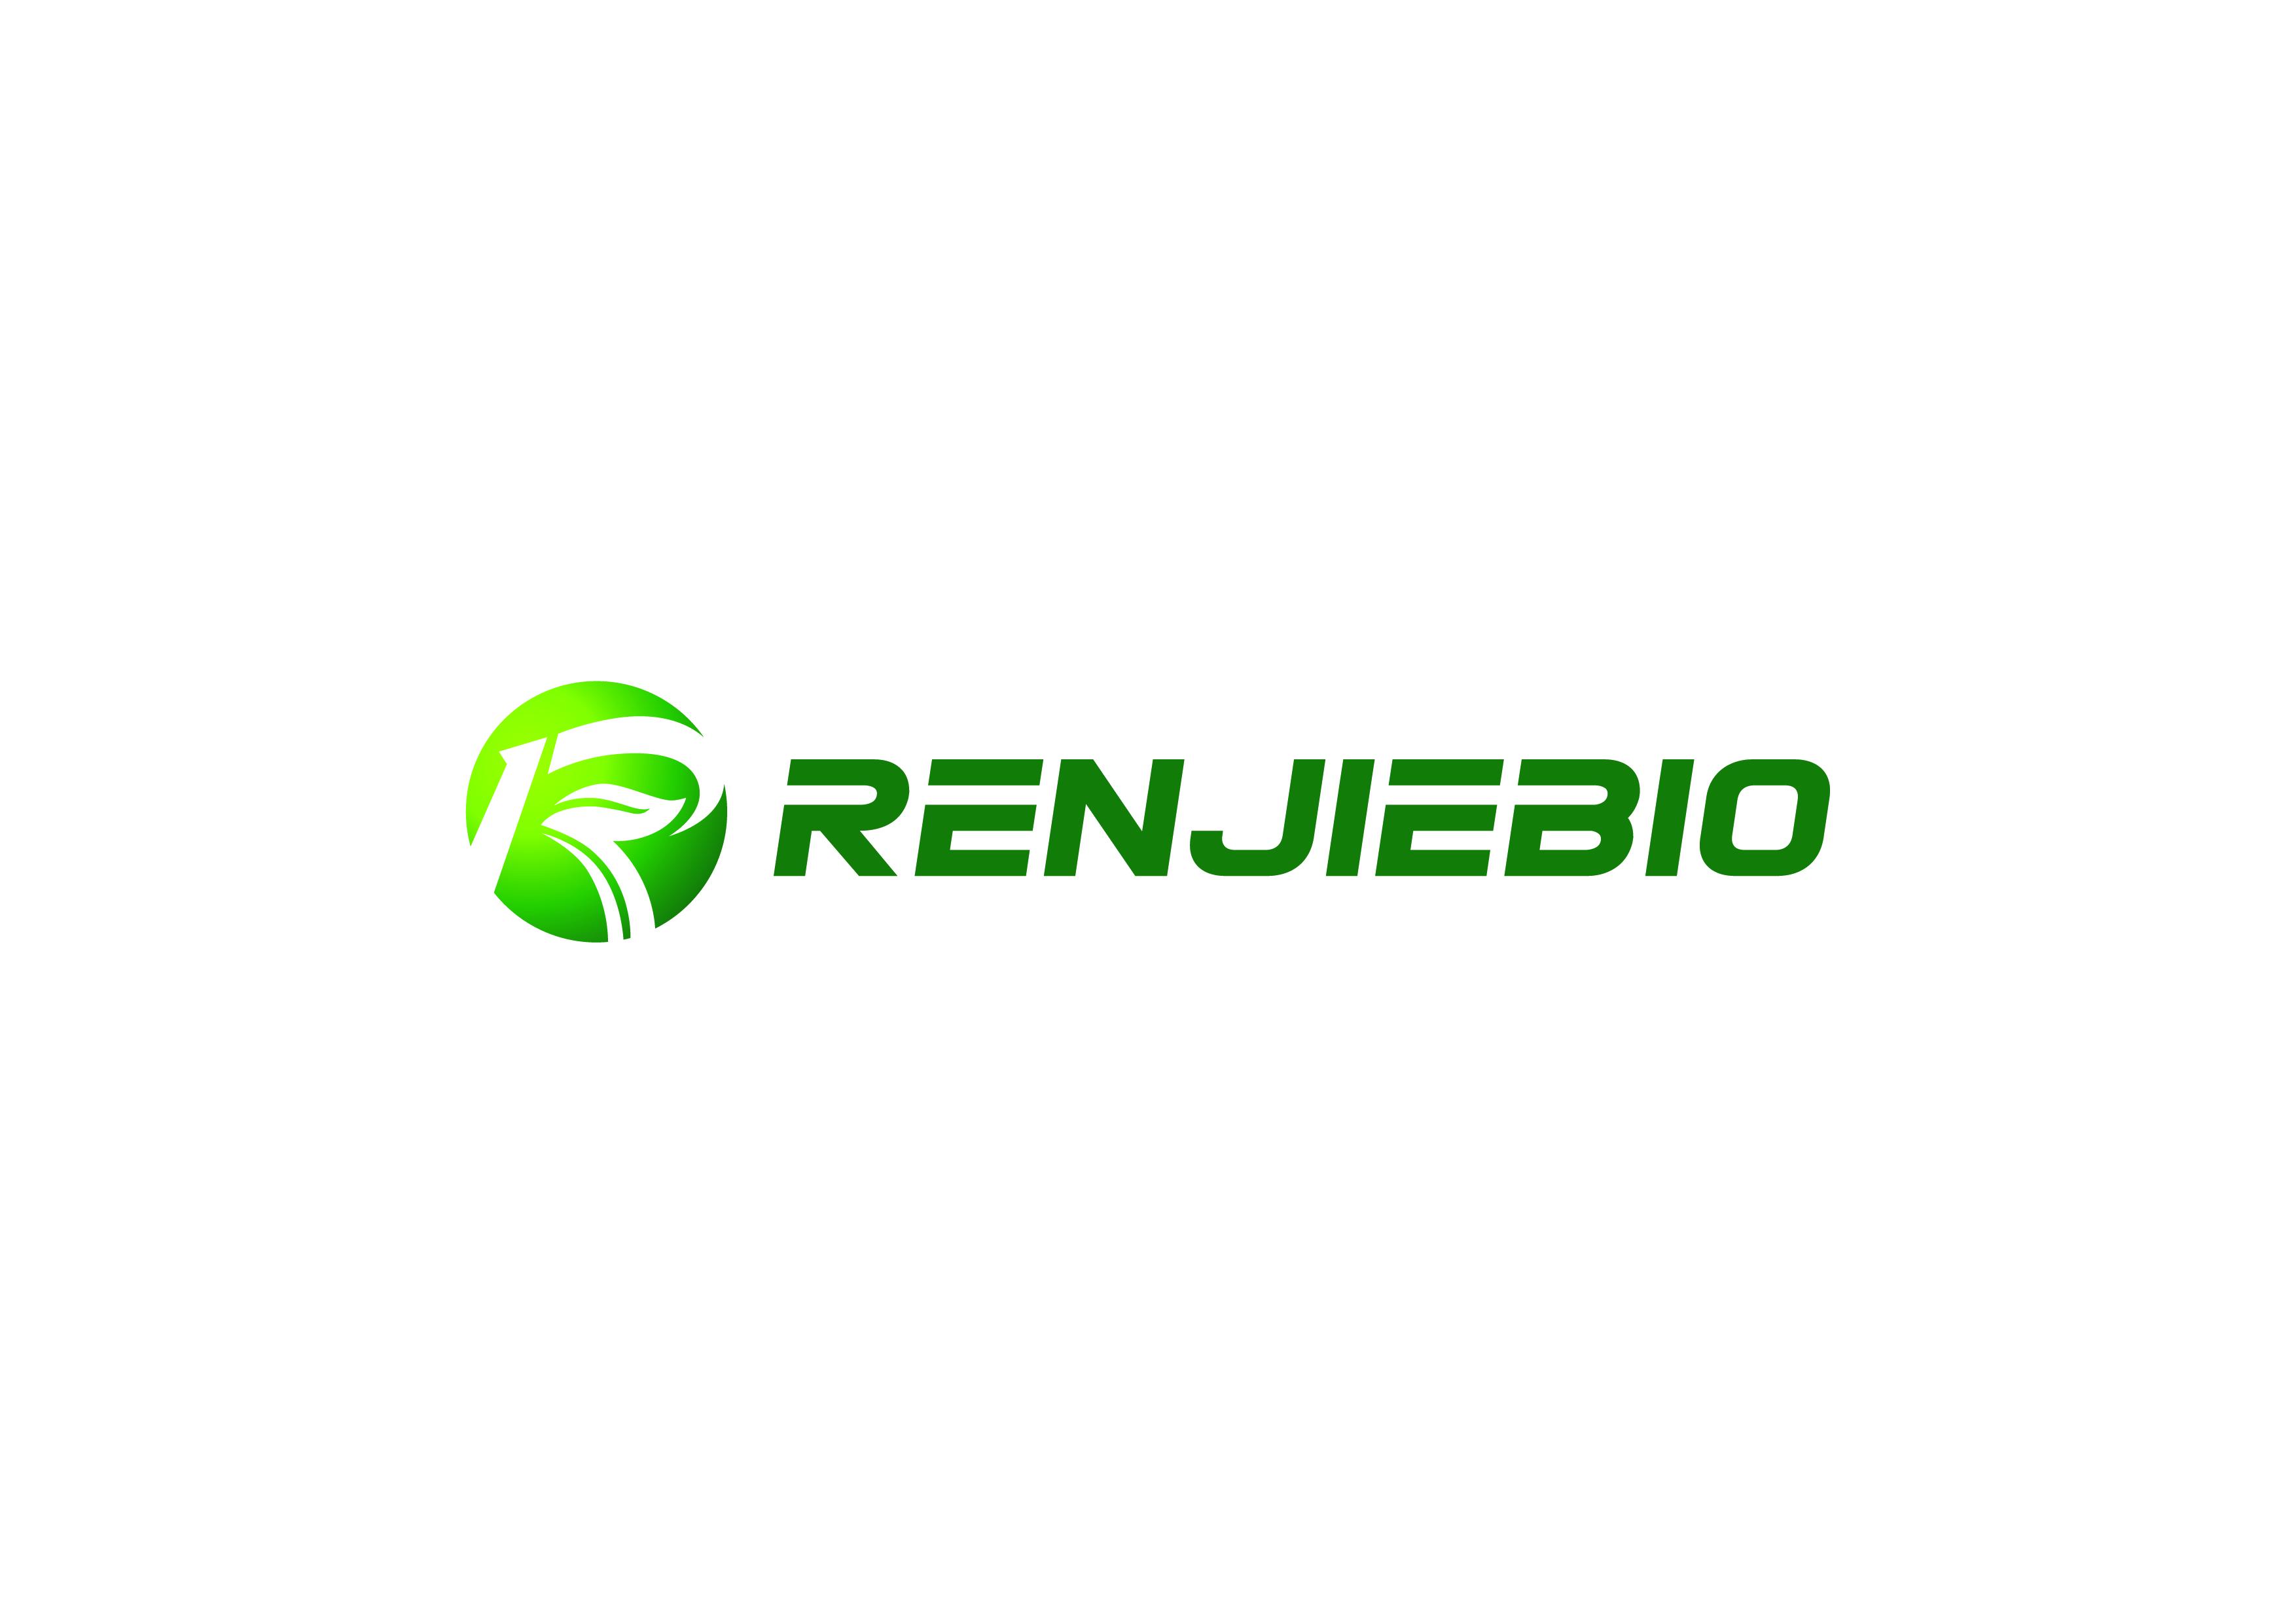 上海仁捷生物科技有限公司